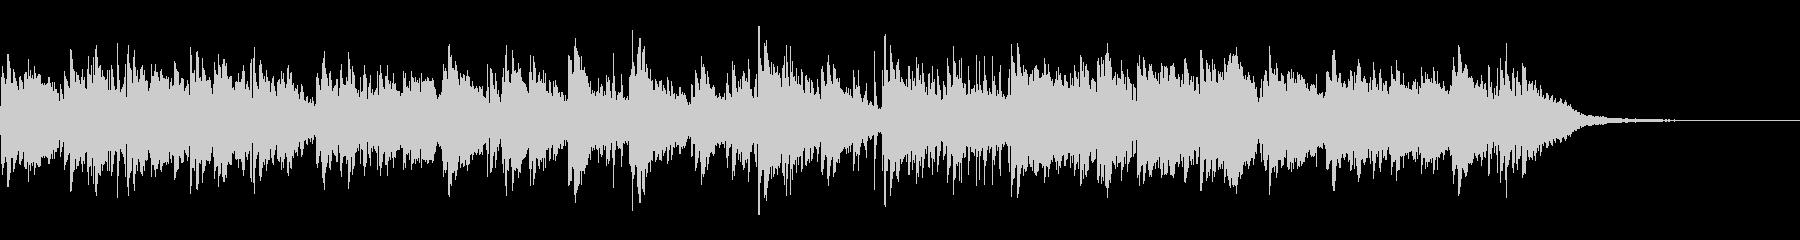 切ないピアノアンビエントの未再生の波形